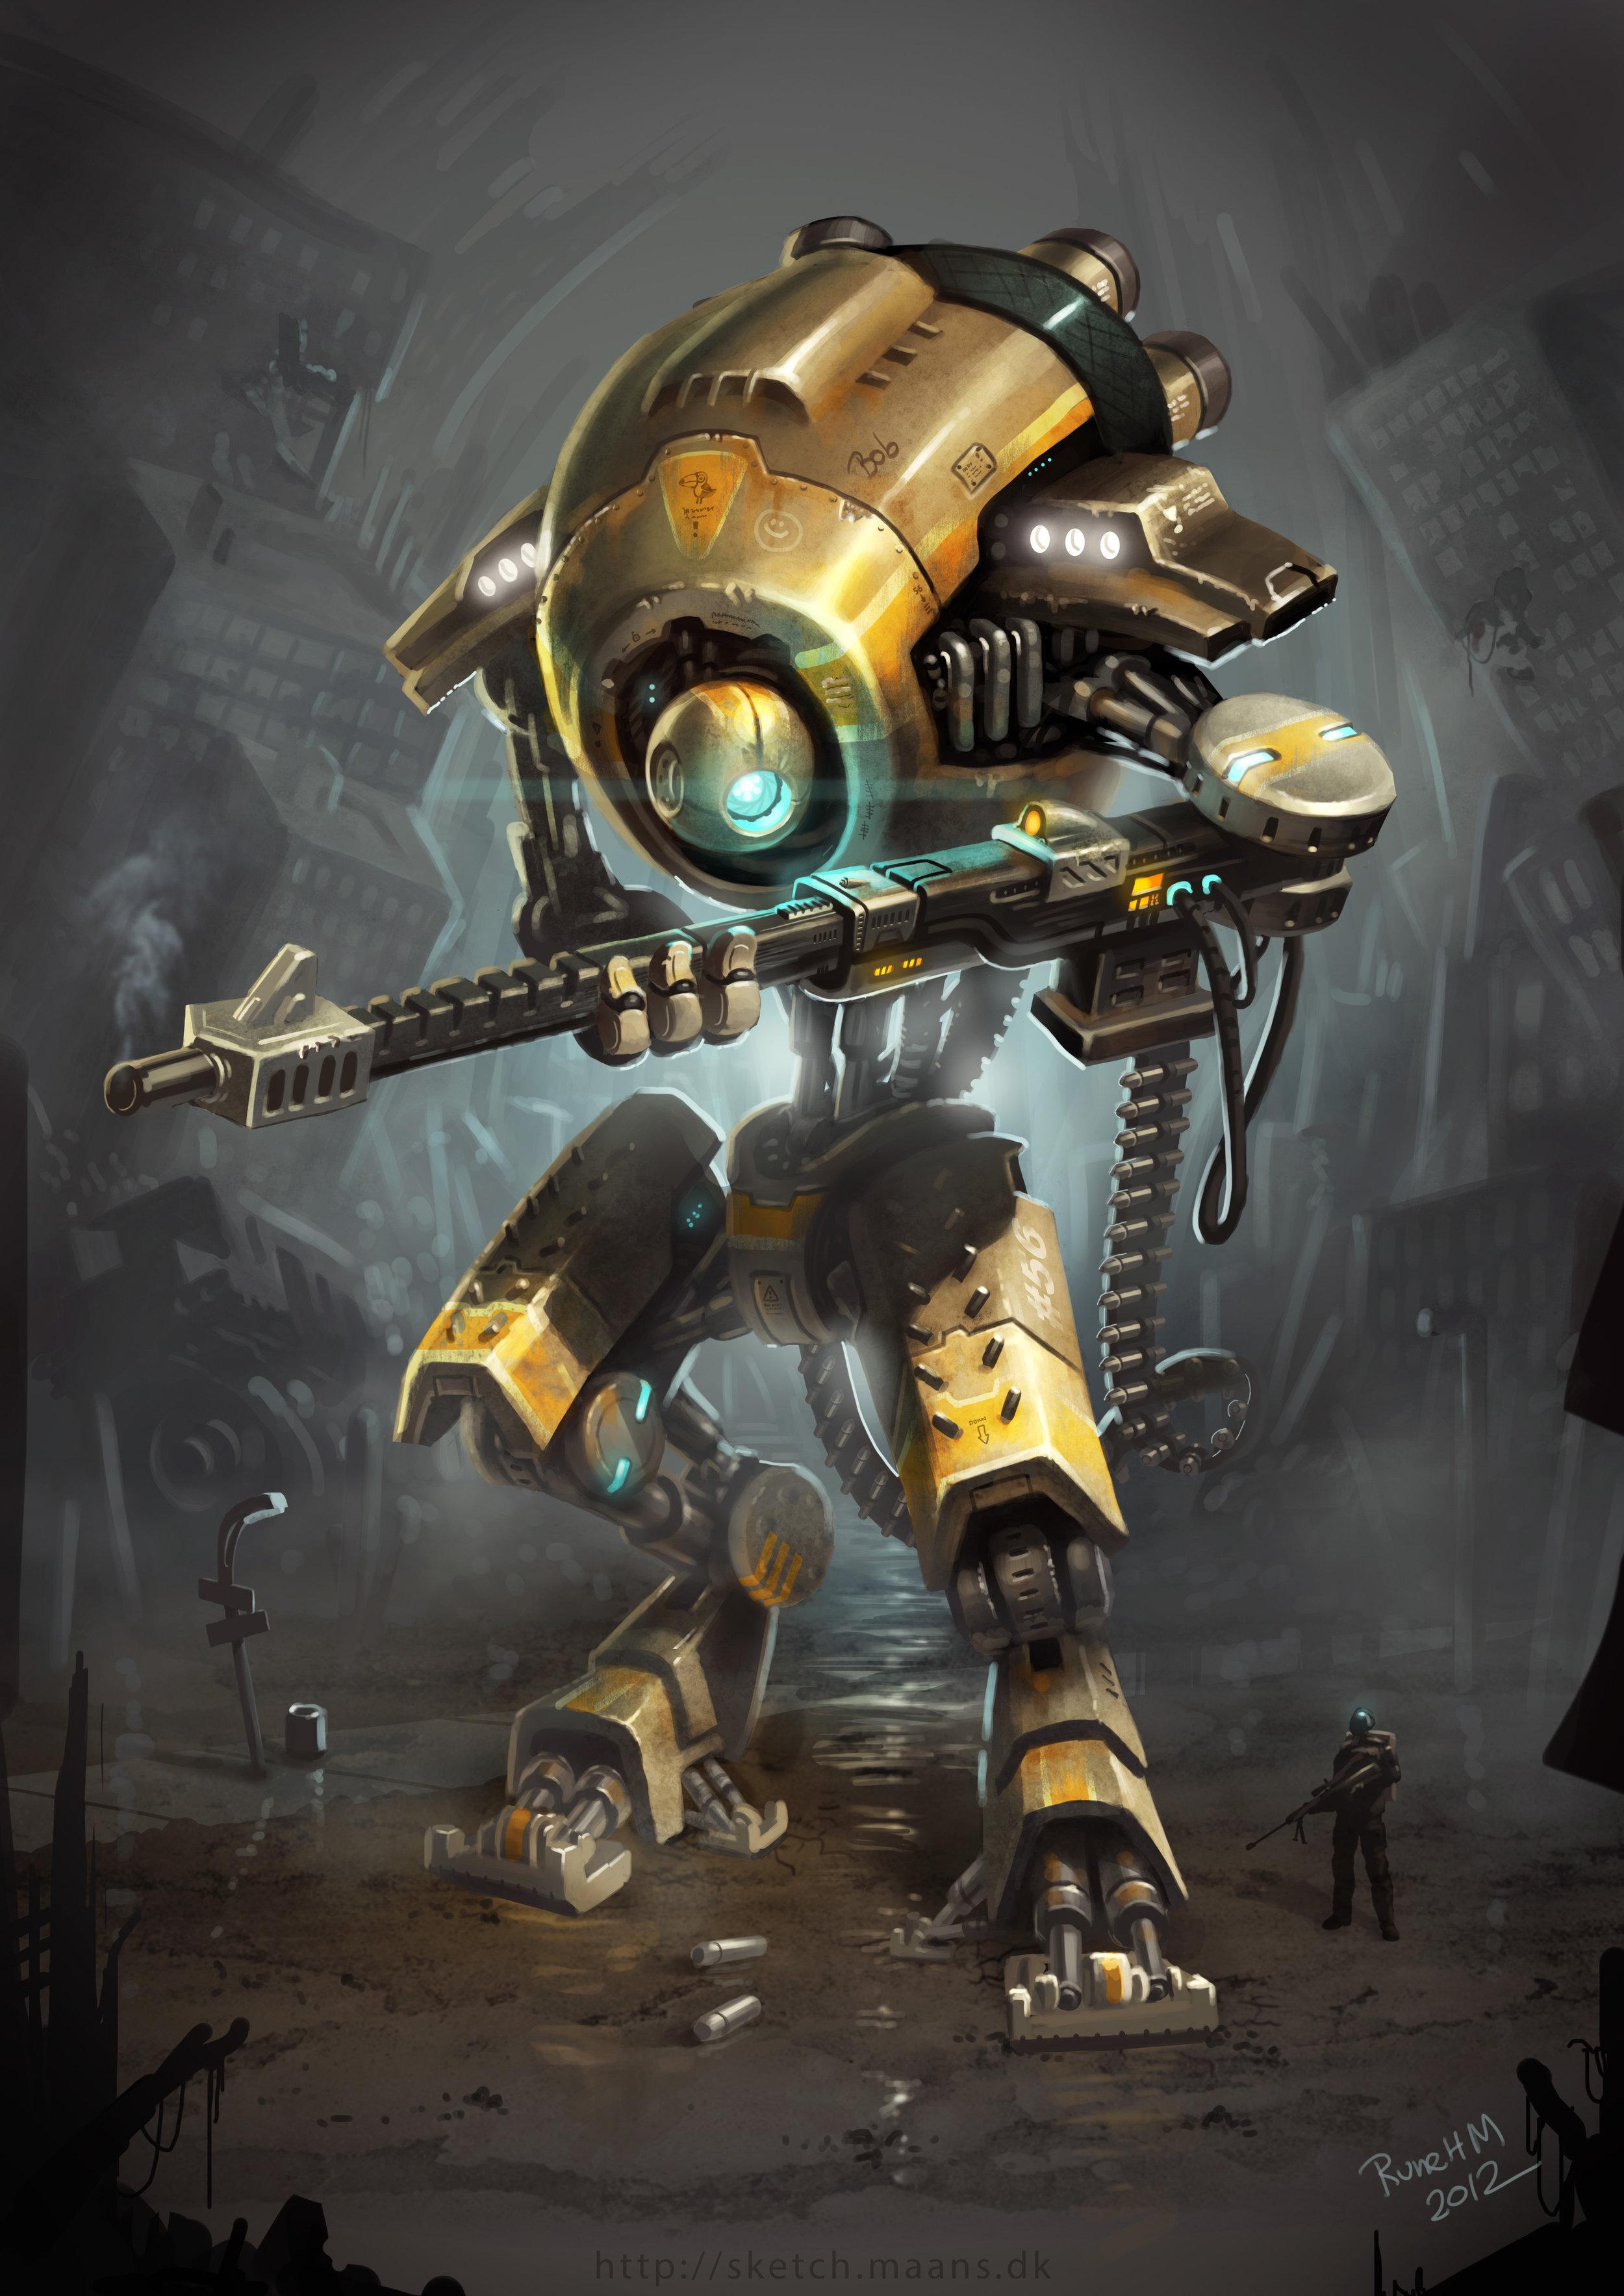 SniperBob.jpg